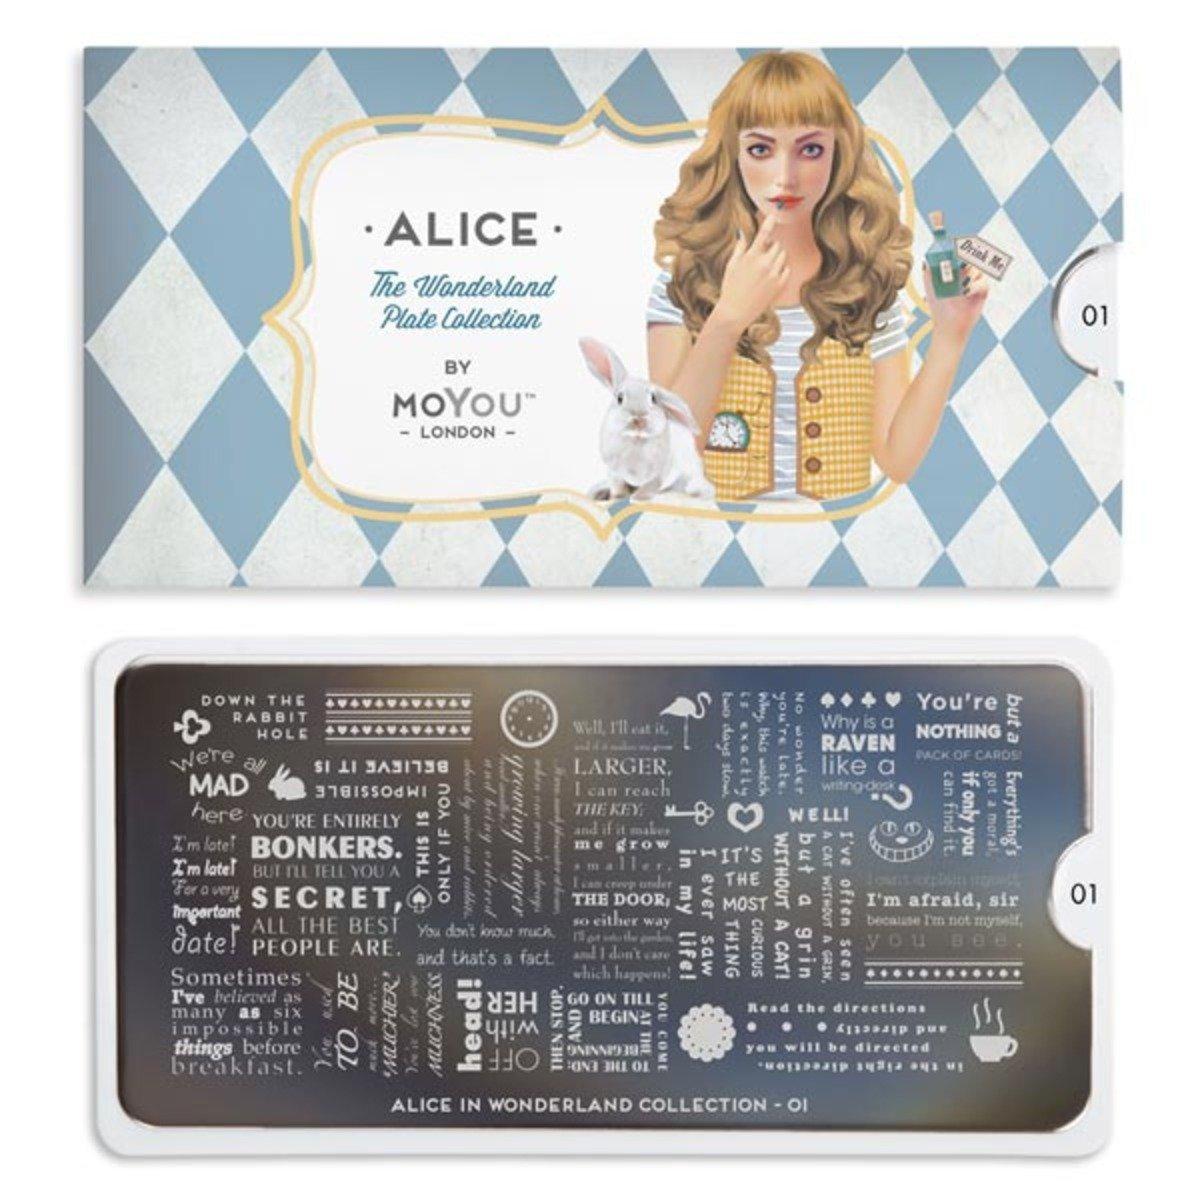 印花板 - 愛麗絲系列 01